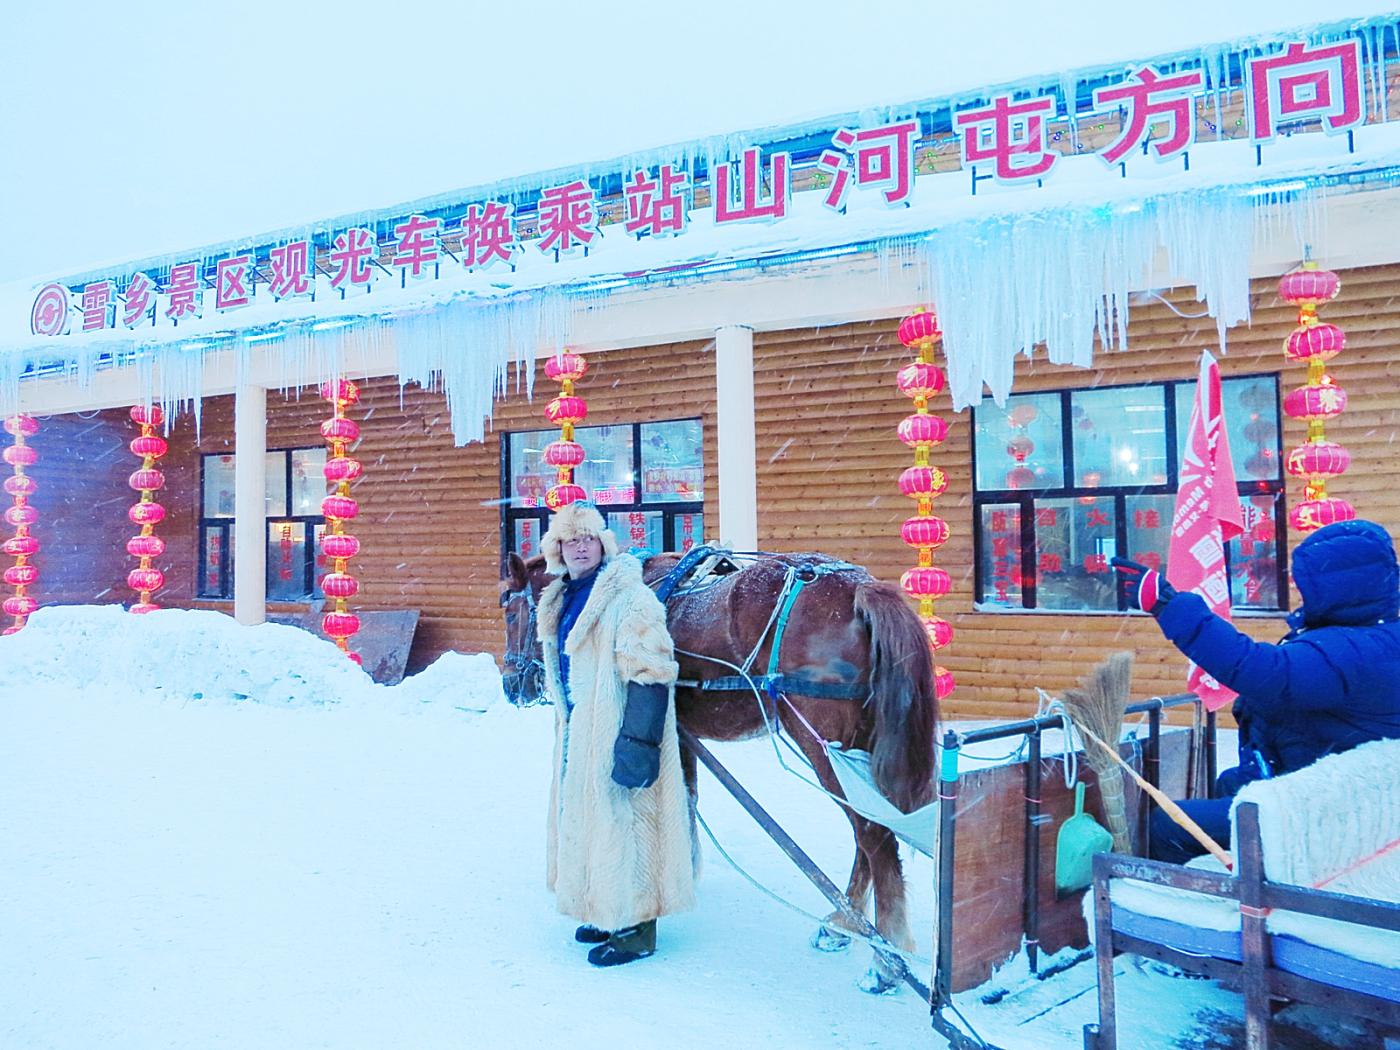 东北行-雪乡2015春_图1-19